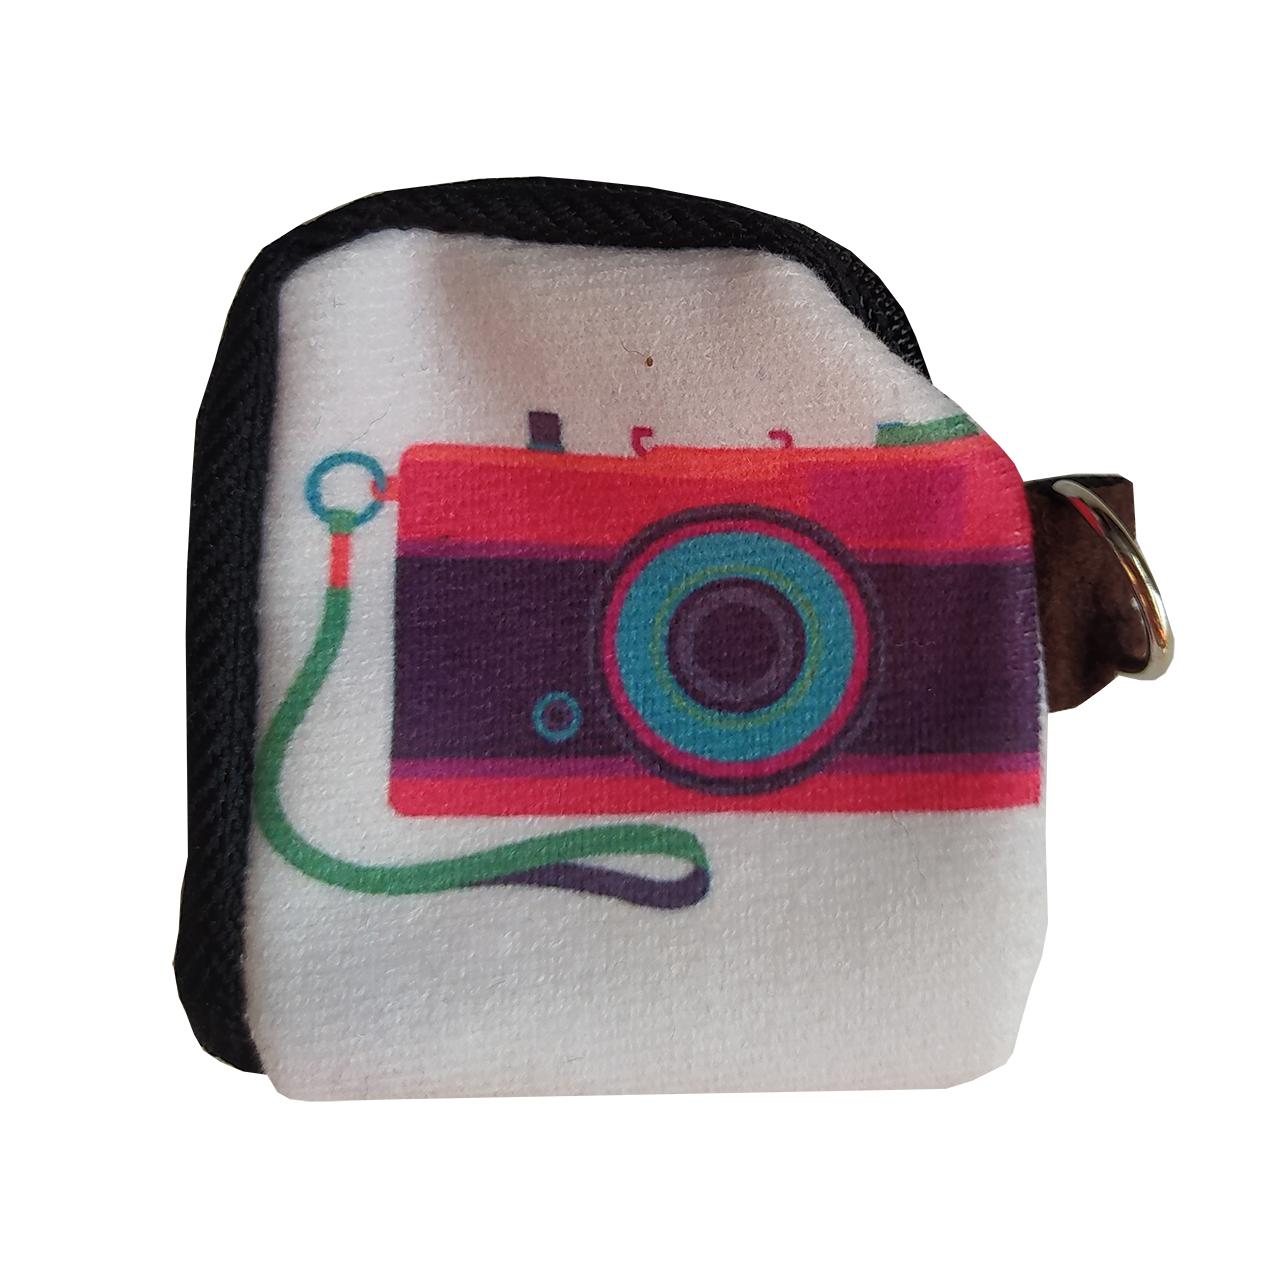 کیف هندزفری طرح دوربین کد 92a